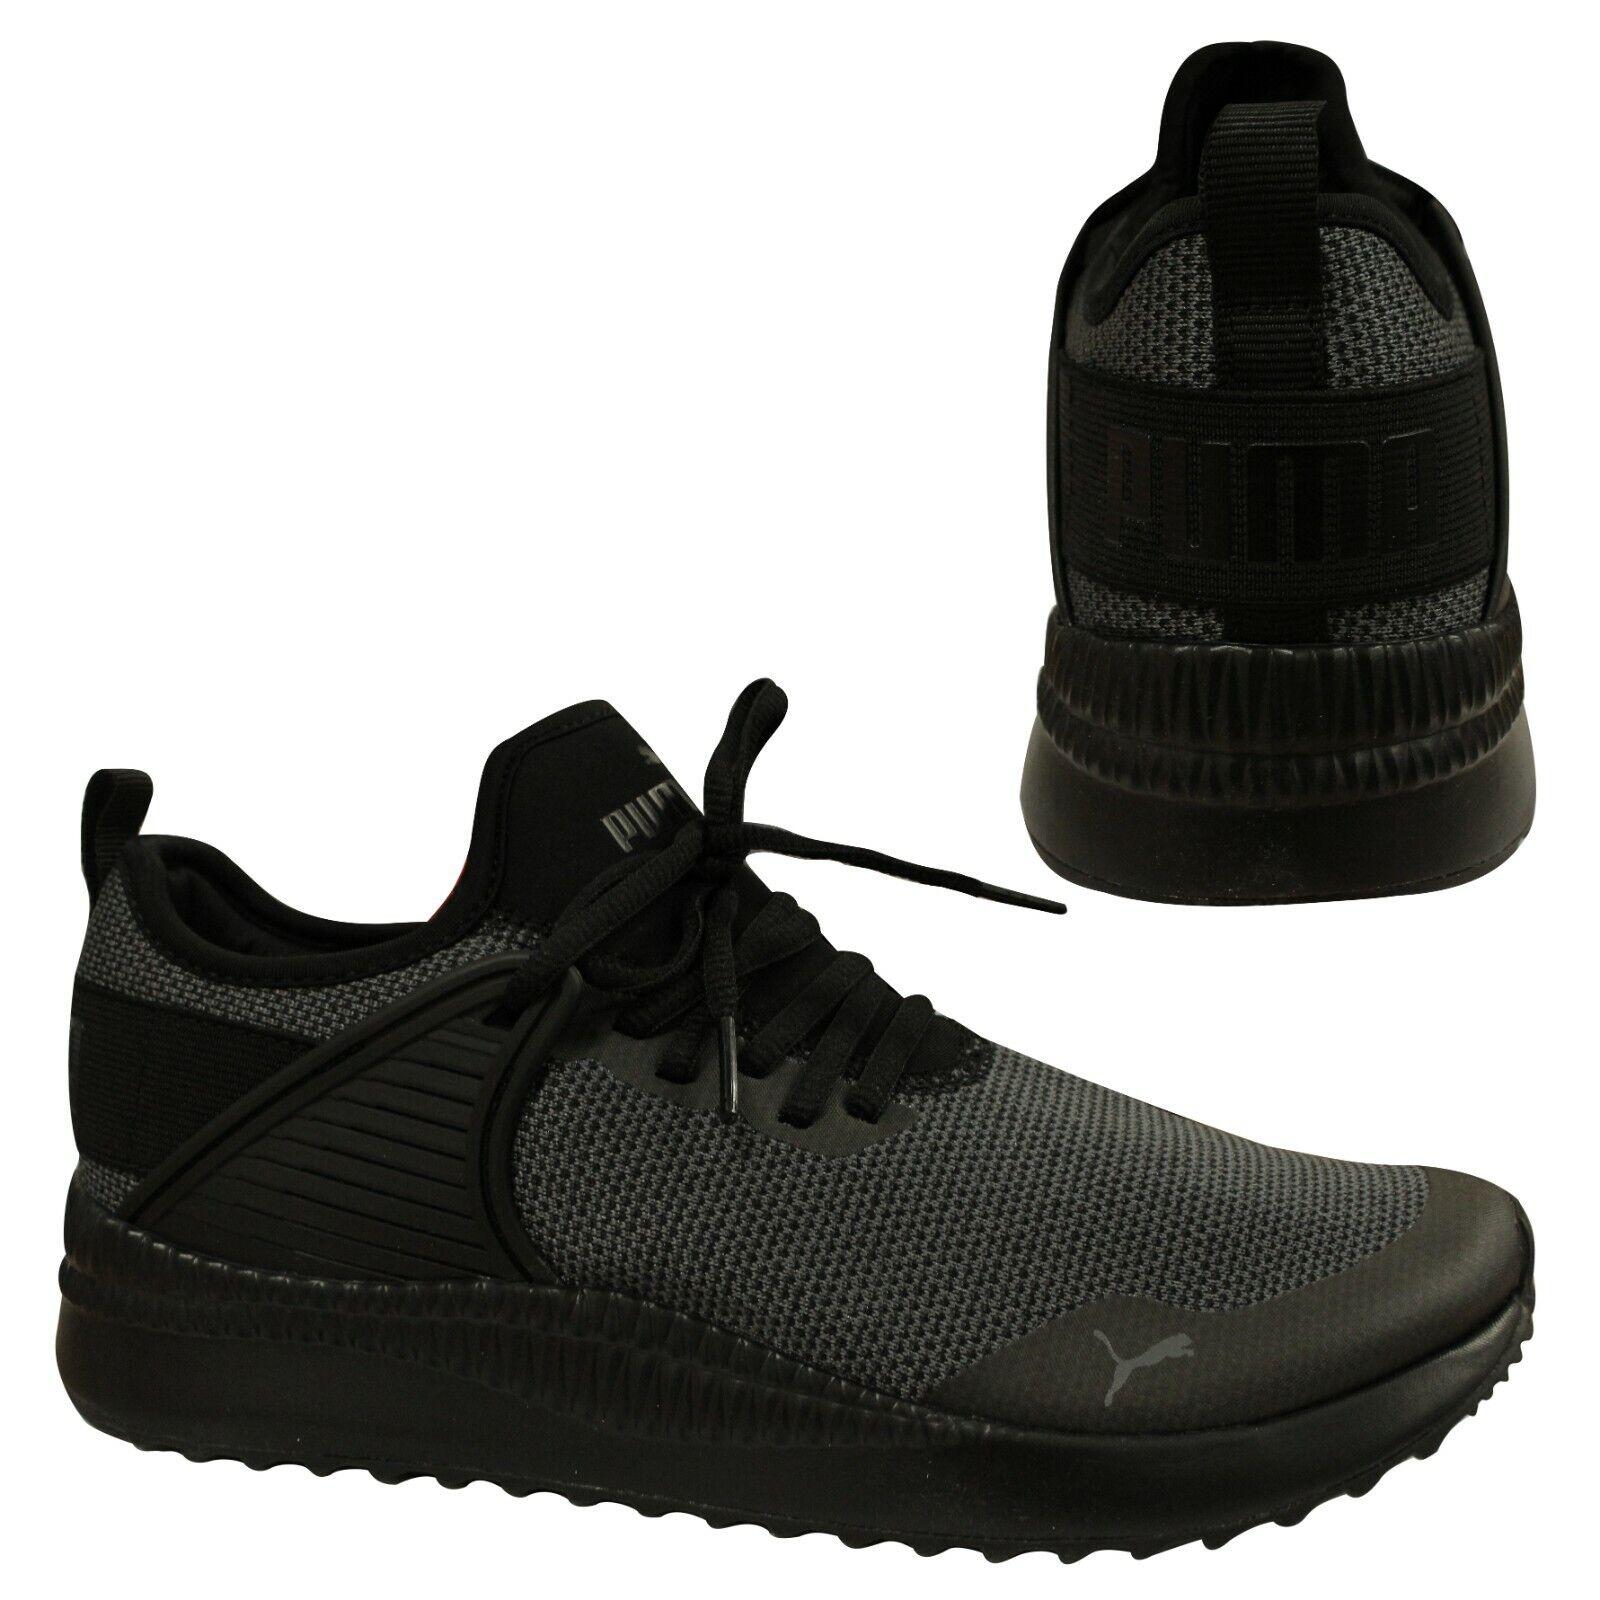 tienda de liquidación baratas para la venta estilo de moda Puma Pacer Next Cage Knit Black Mesh Lace Up Casual Mens Trainers ...